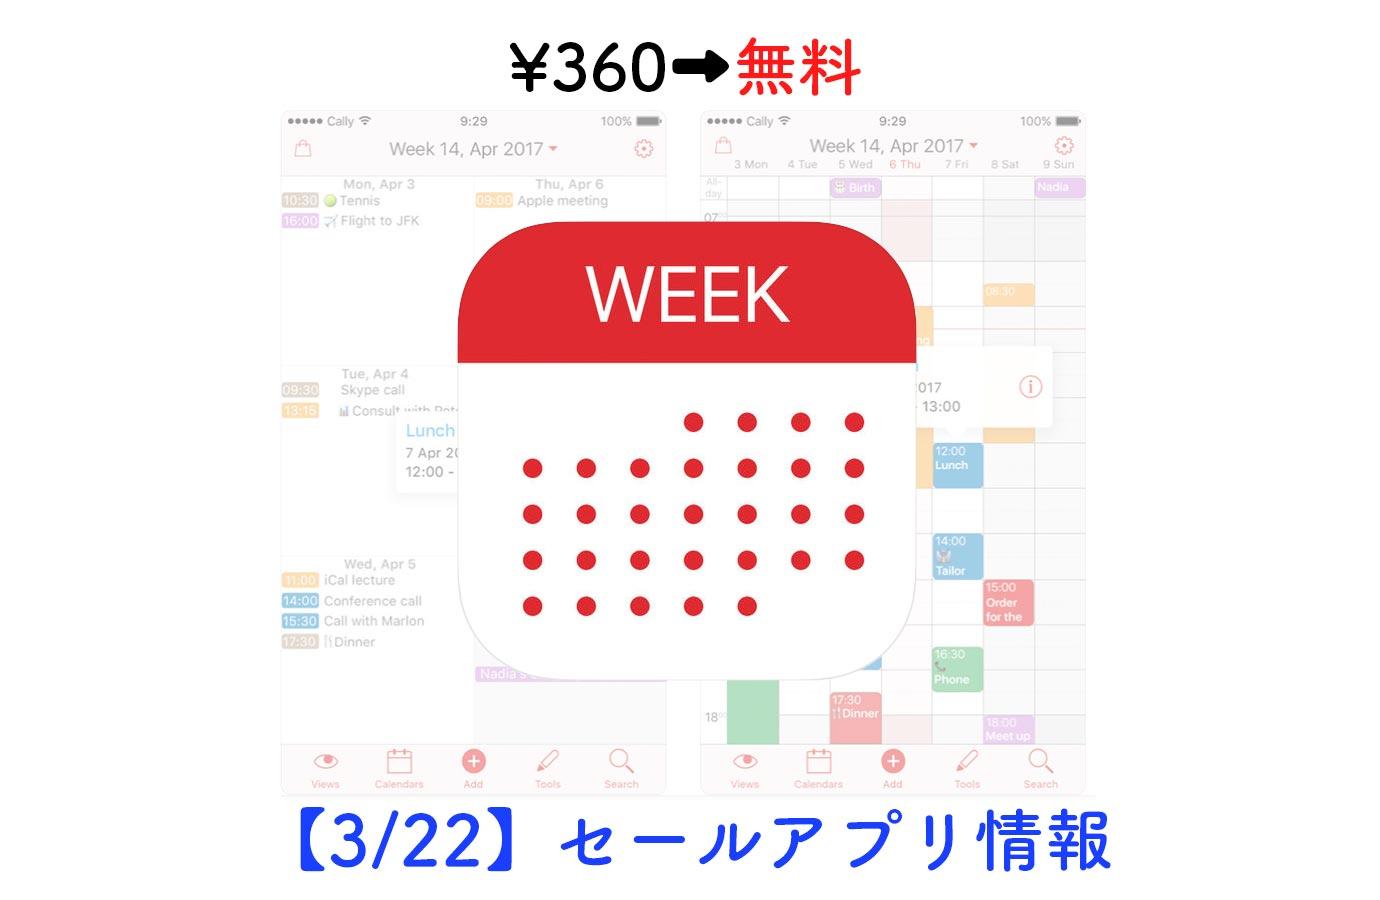 ¥360→無料、見やすいカレンダーアプリ「Week Calendar」など【3/22】セールアプリ情報